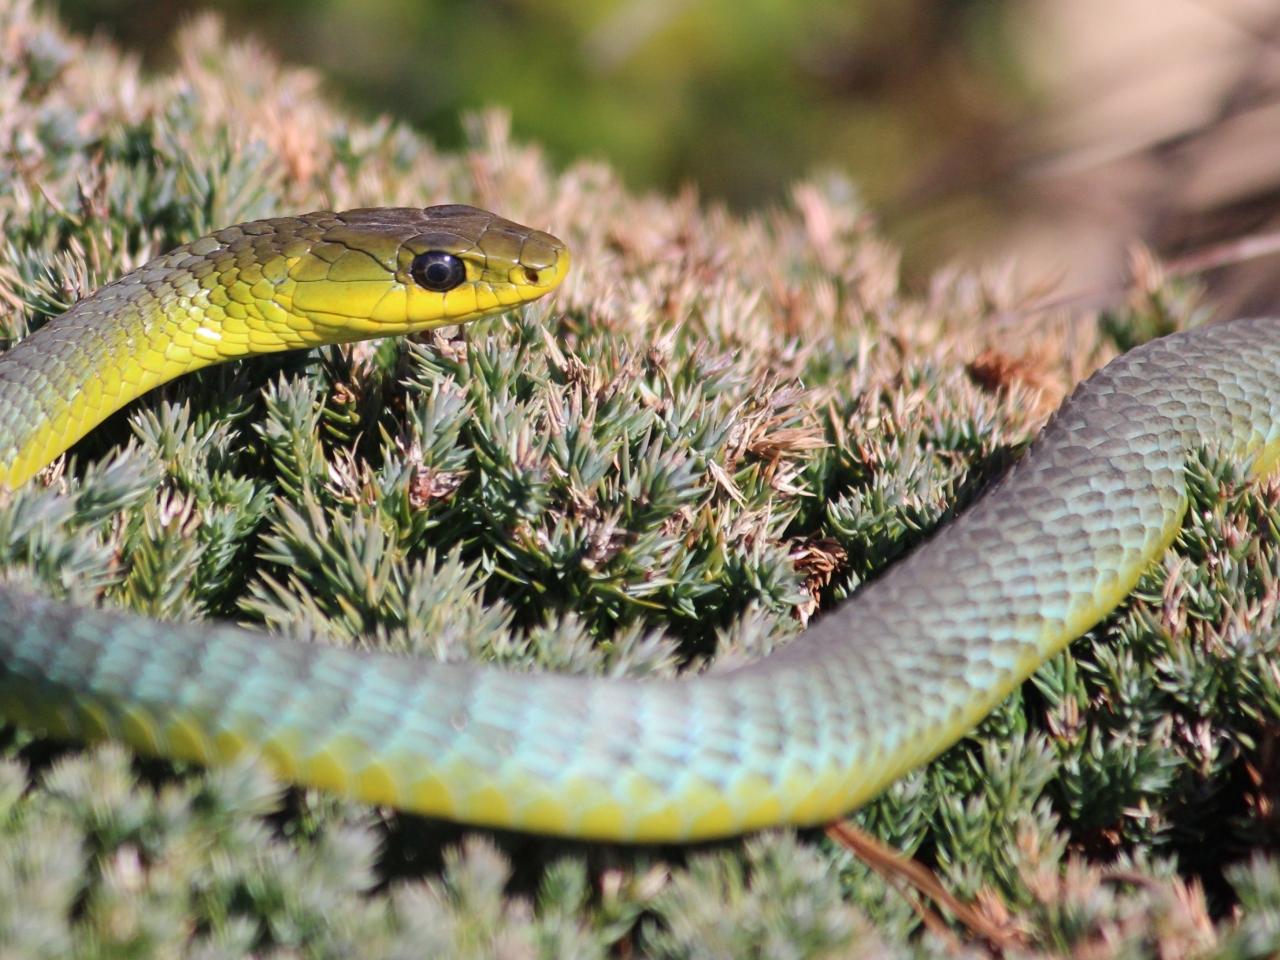 Serpiente verde de arboles - 1280x960